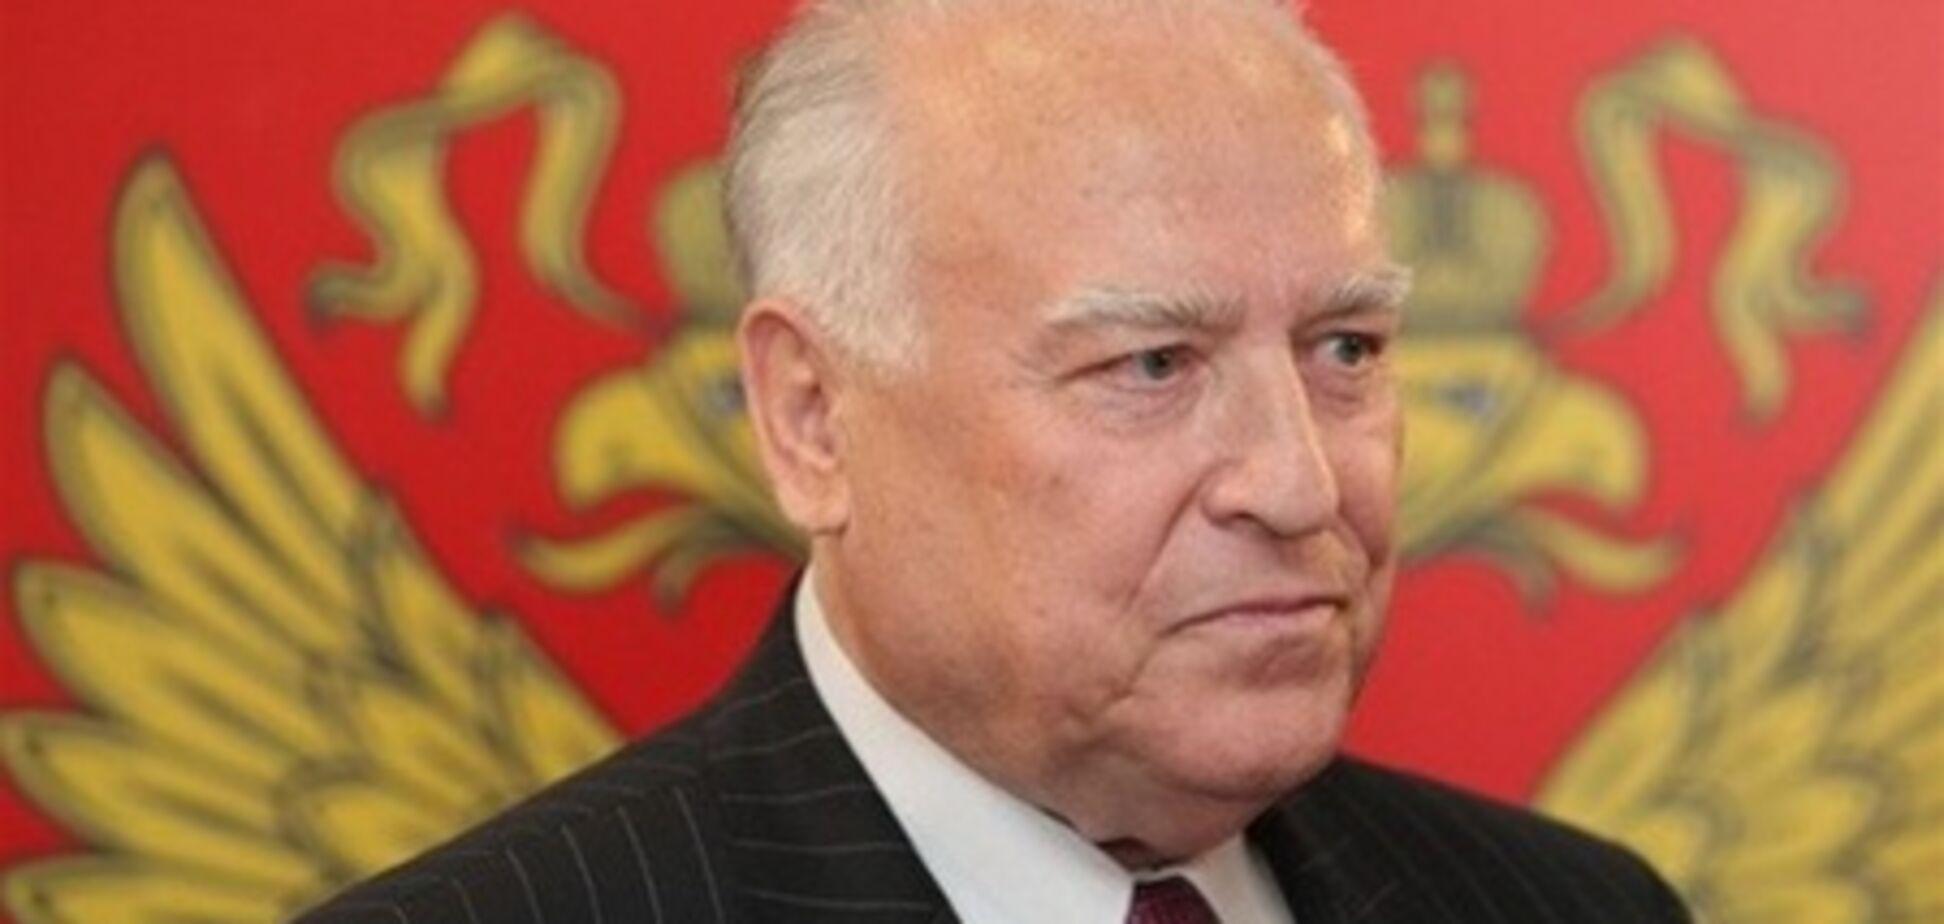 Черномирдін міг стати президентом України - Лавров